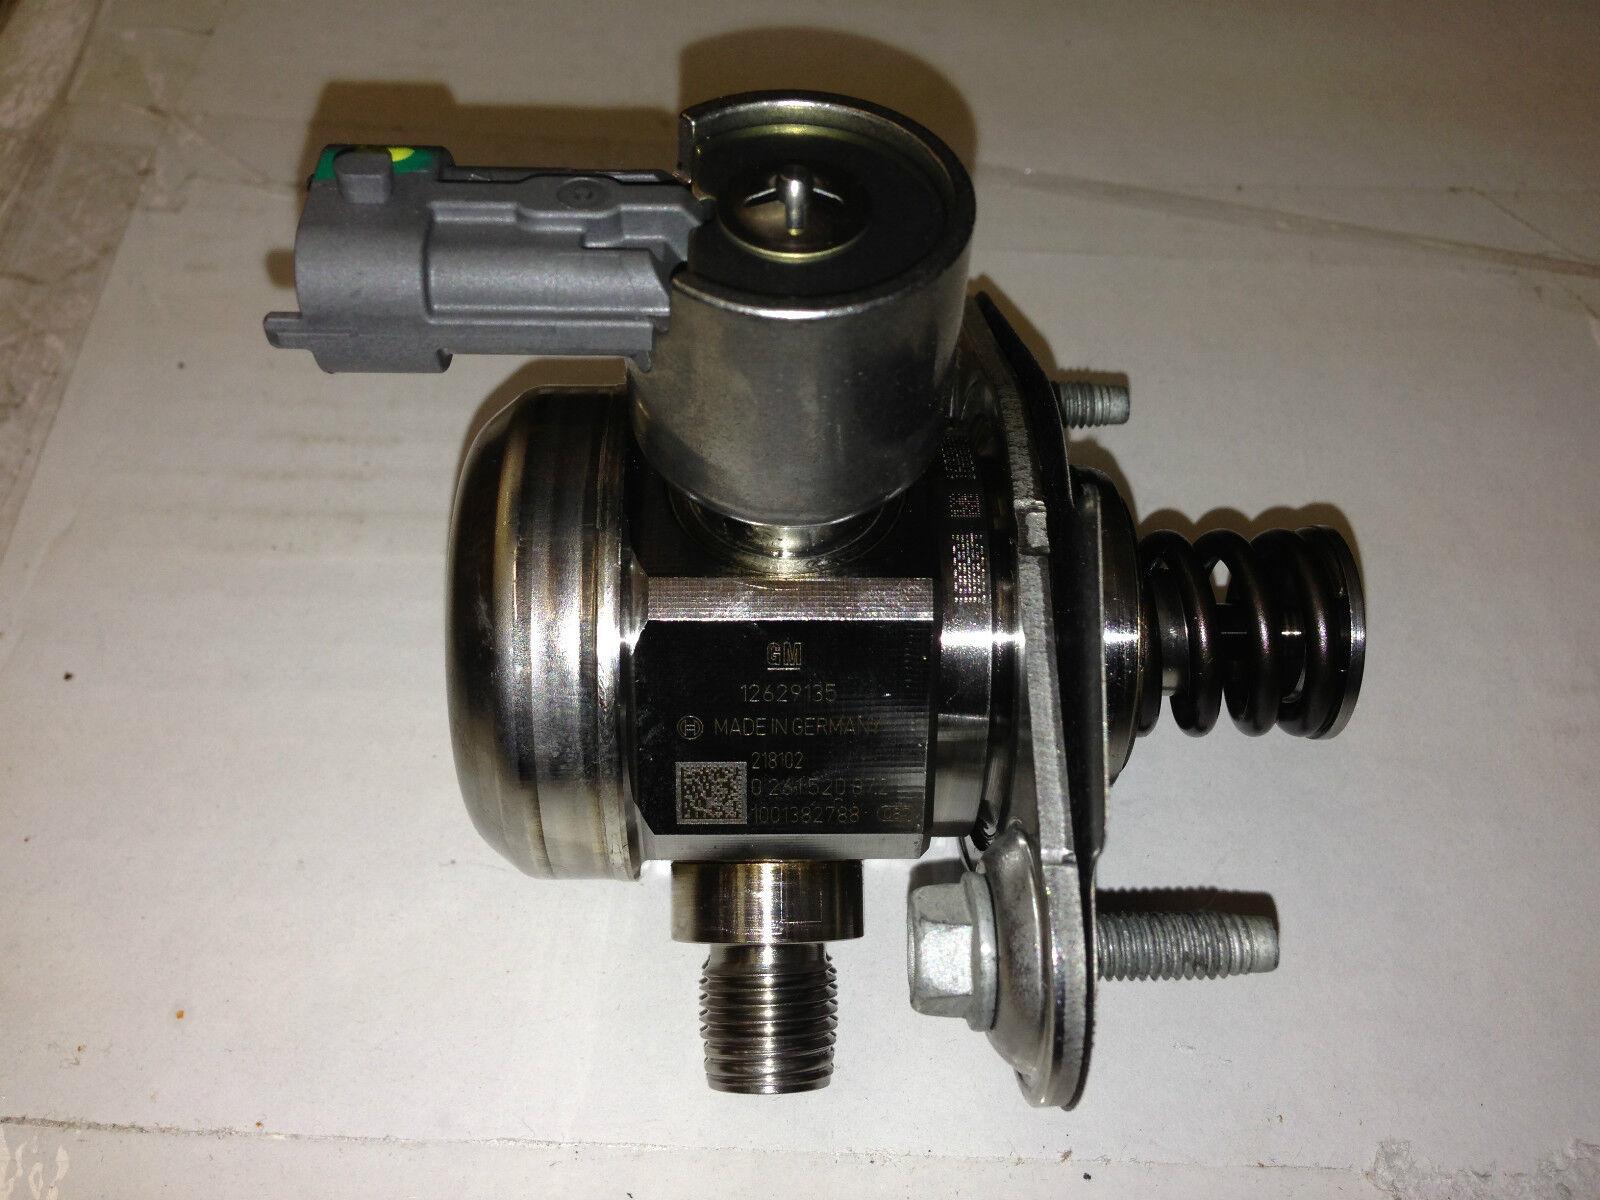 hight resolution of saturn sky fuel filter wiring library isuzu fuel filter saturn sky fuel filter 9